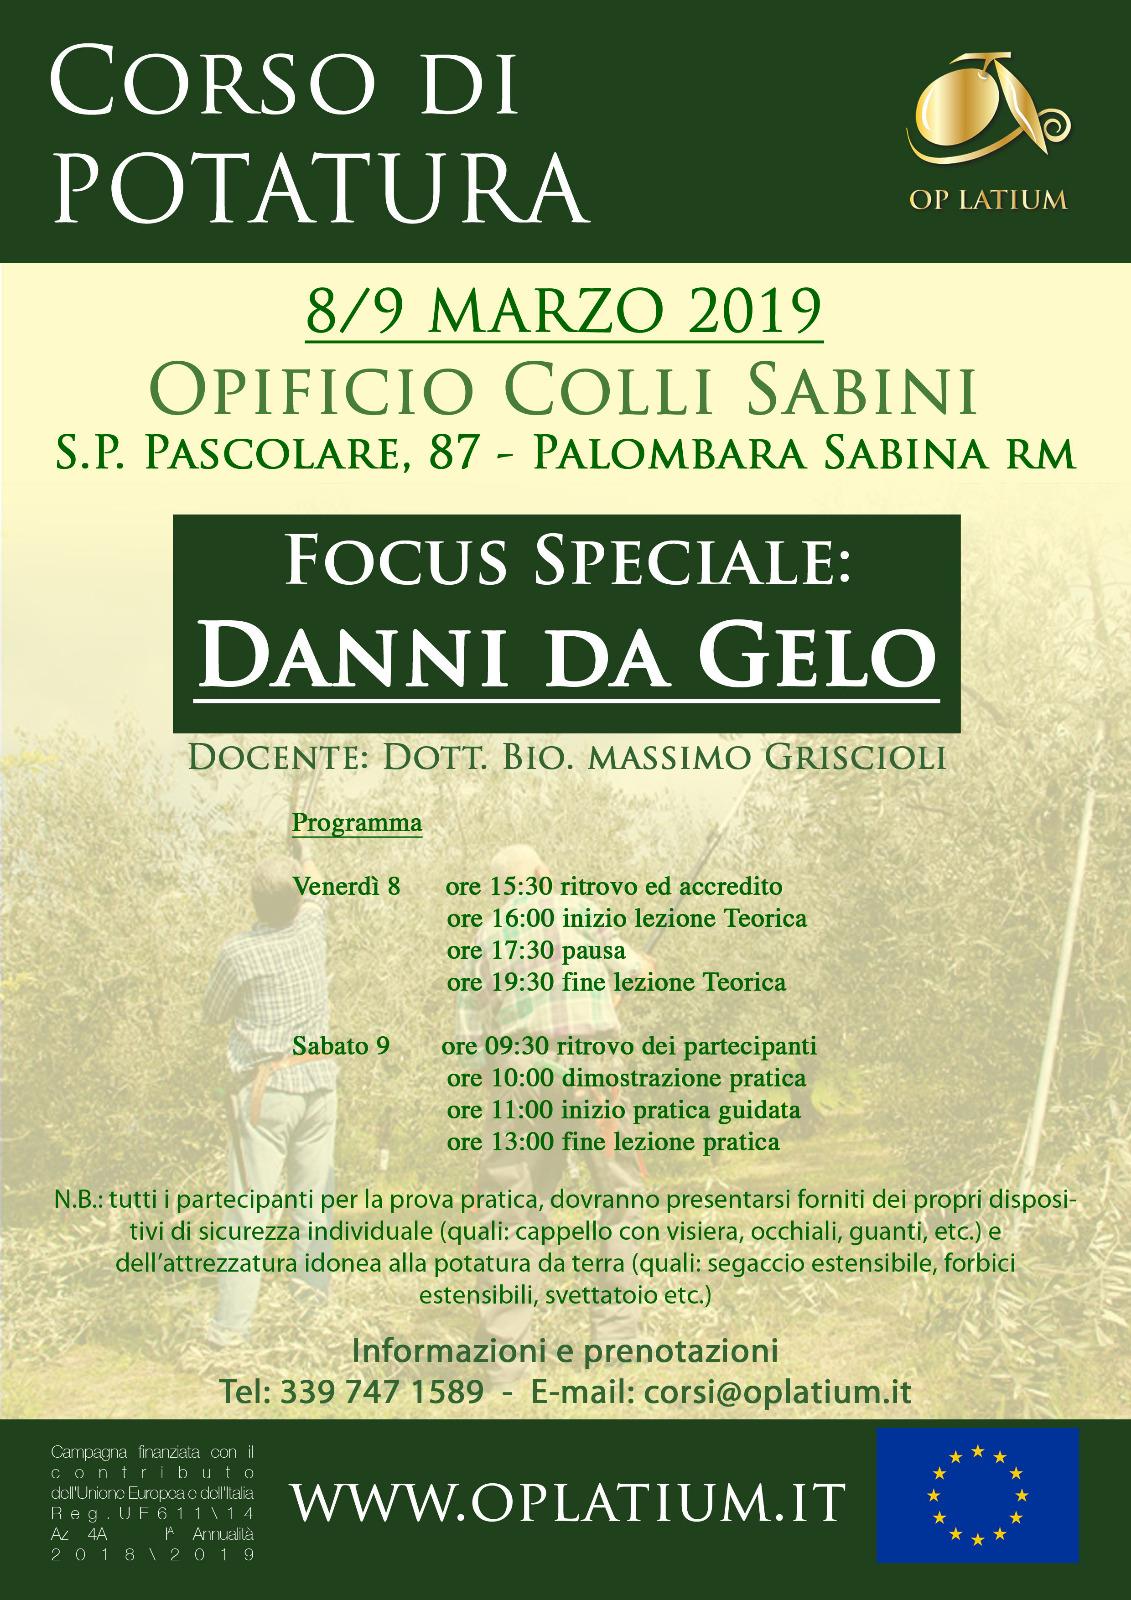 Corso di potatura dell'olivo a Palombara Sabina (Roma) 8 e 9 marzo 2019. Focus speciale danni da gelo.